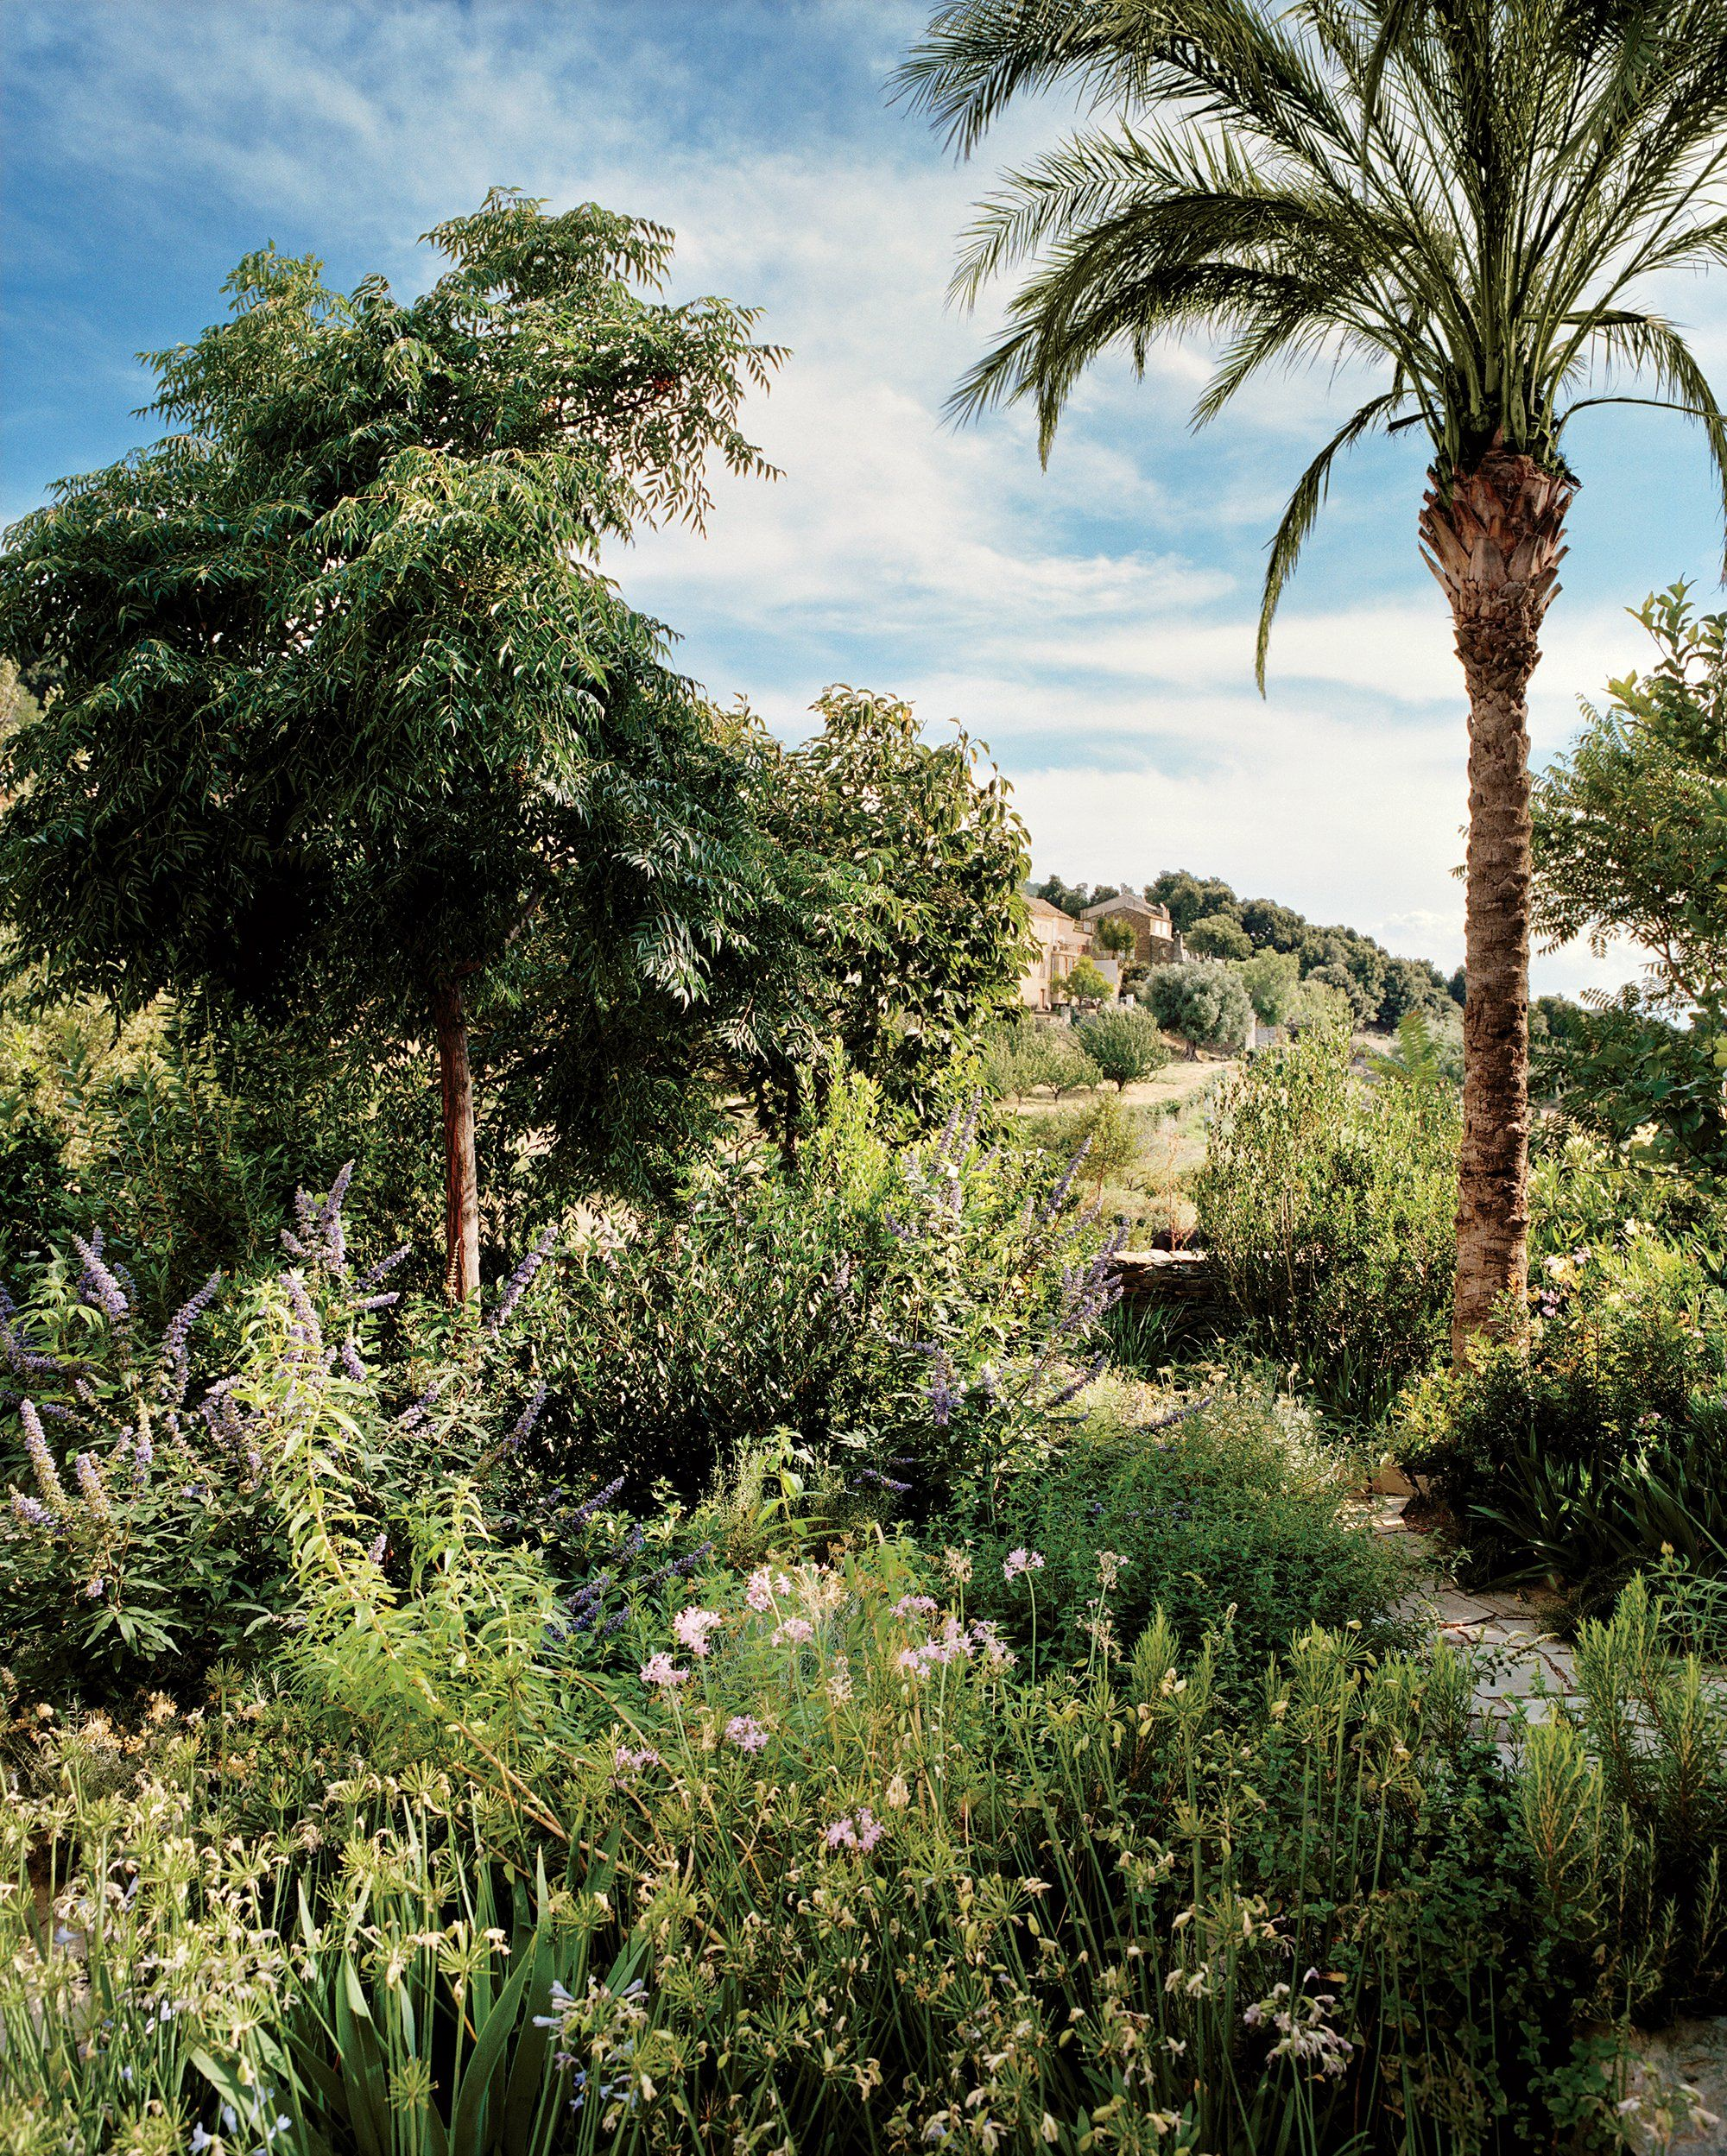 Mediterranean Terrain - An Egyptian palm tree amid lush plantings in on fairies gardens designs, french gardens designs, japanese gardens designs, english gardens designs, chinese gardens designs, mediterranean courtyard gardens designs, italian gardens designs,